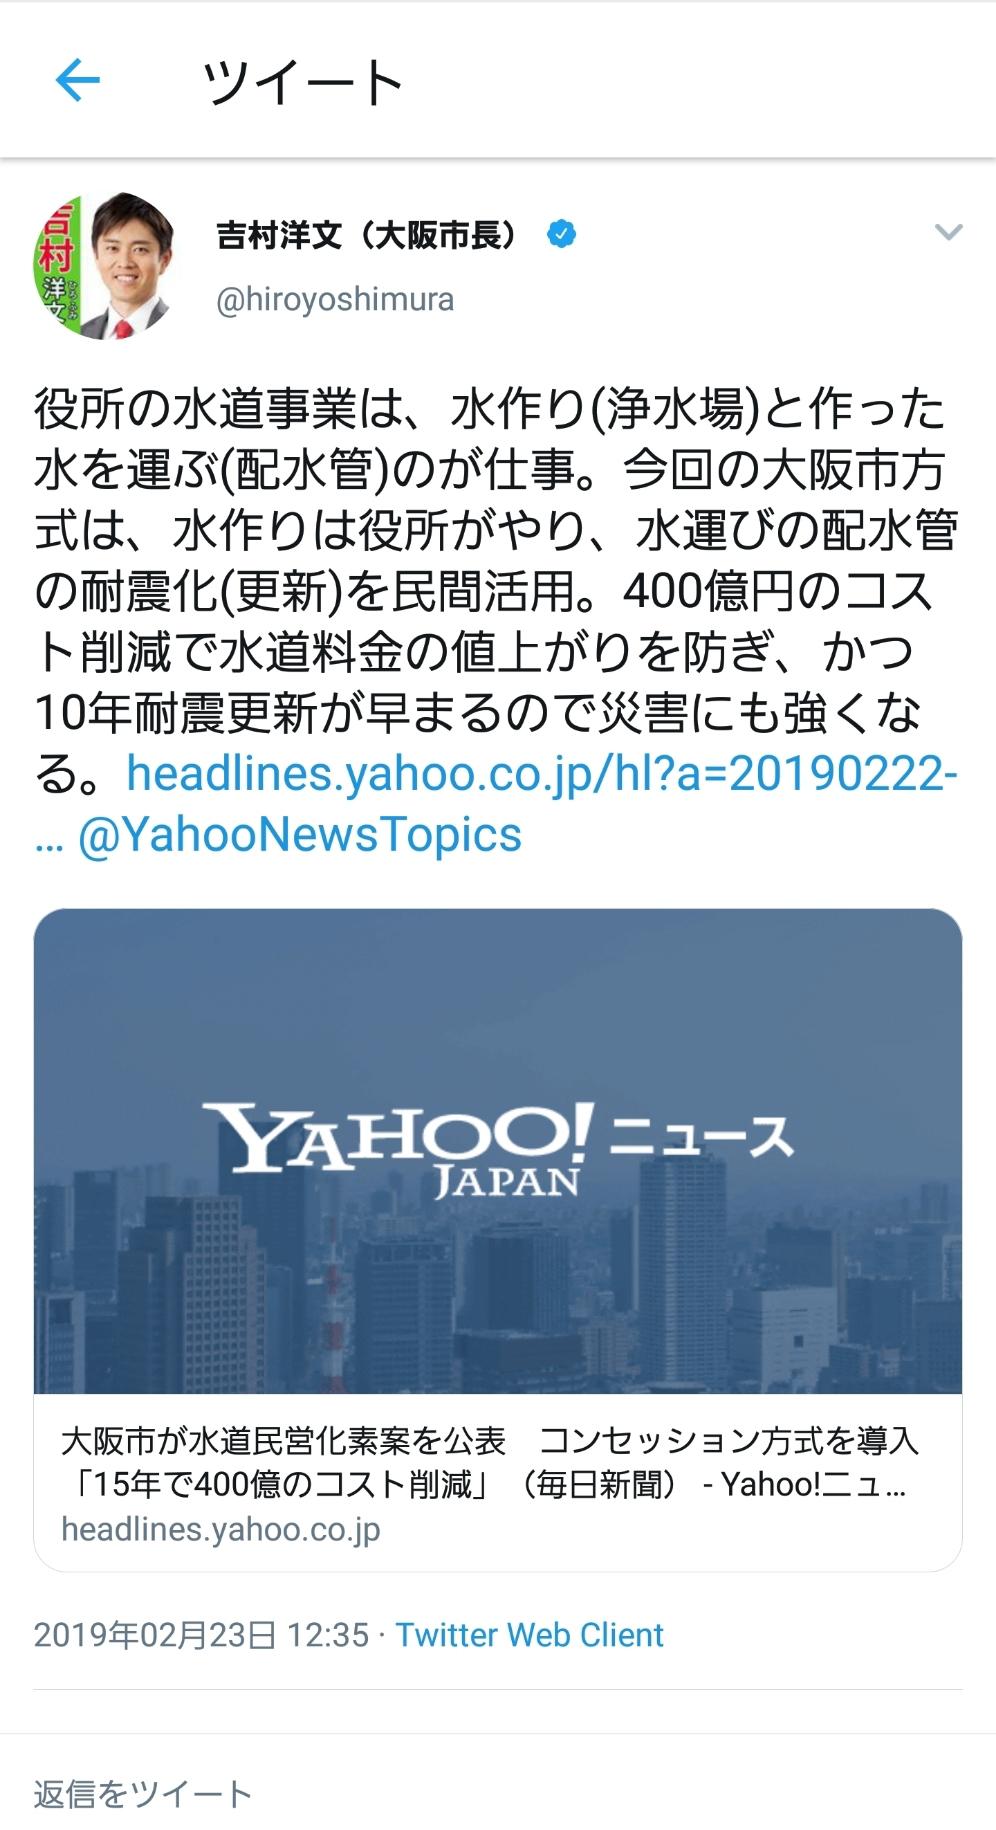 【悲報】大阪市長選、自民候補の応援に国民民主、立憲民主、連合、部落解放同盟が集結!  [938941456]->画像>28枚